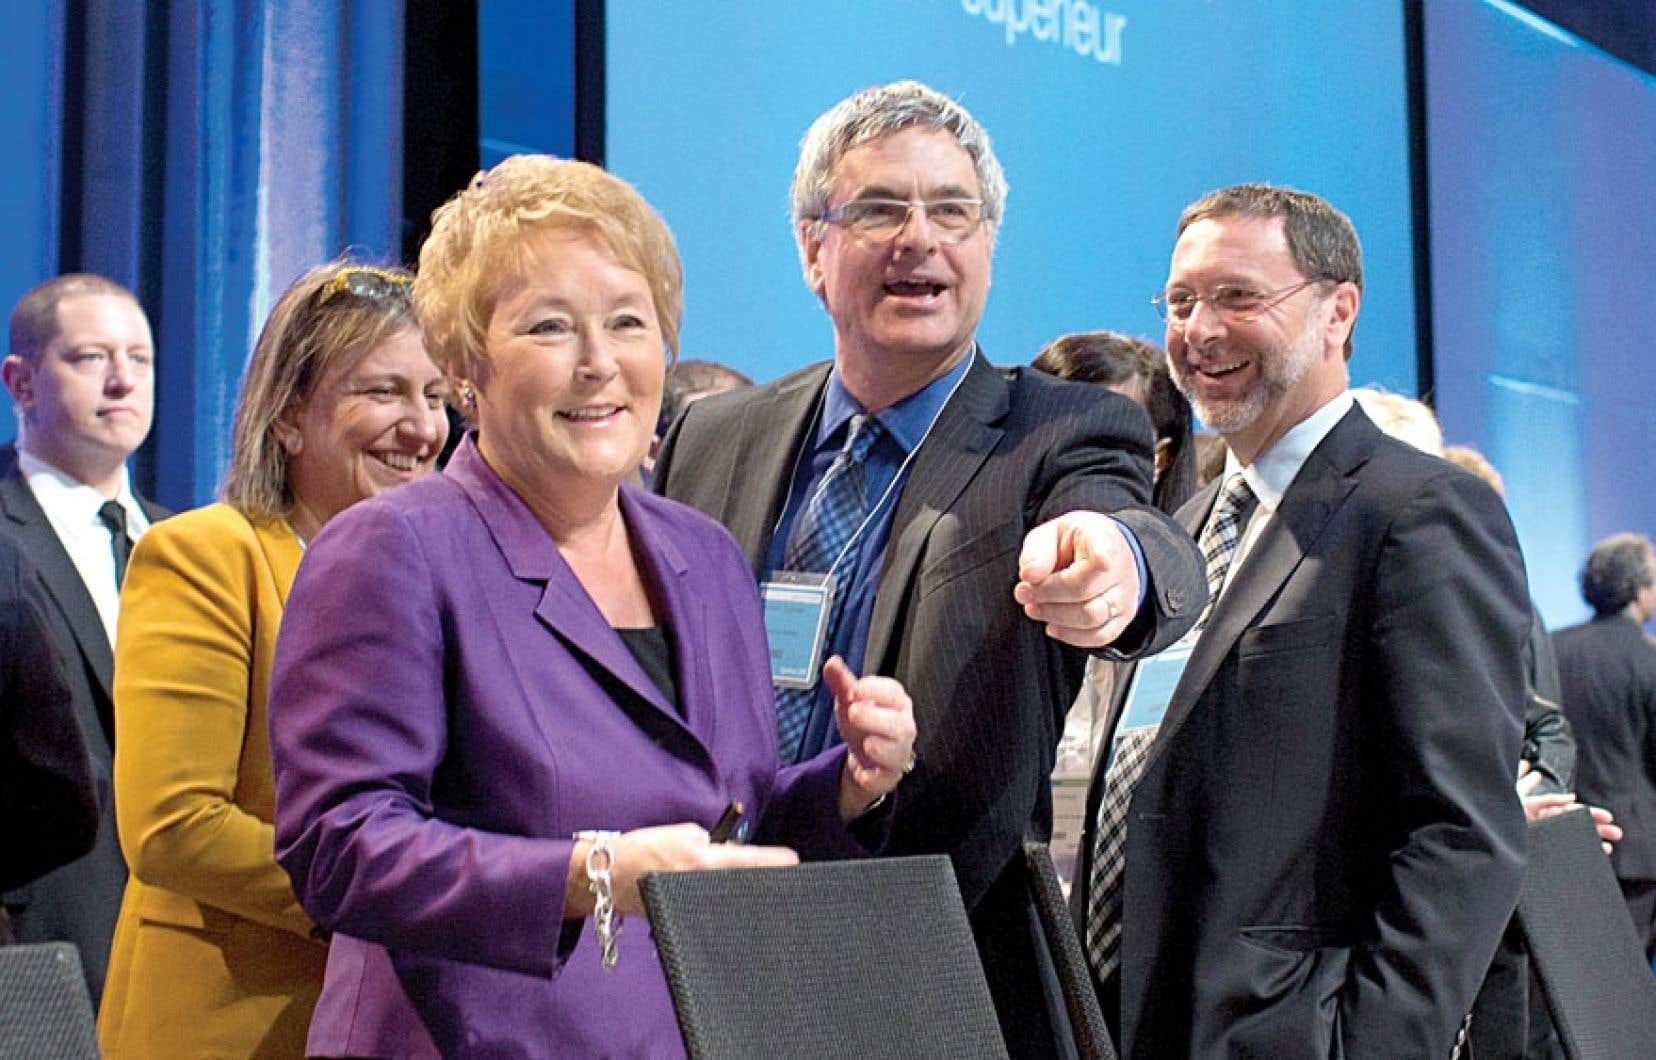 La première ministre Pauline Marois et le chef libéral par intérim, Jean-Marc Fournier, en compagnie d'Yves-Thomas Dorval, président du Conseil du patronat du Québec.